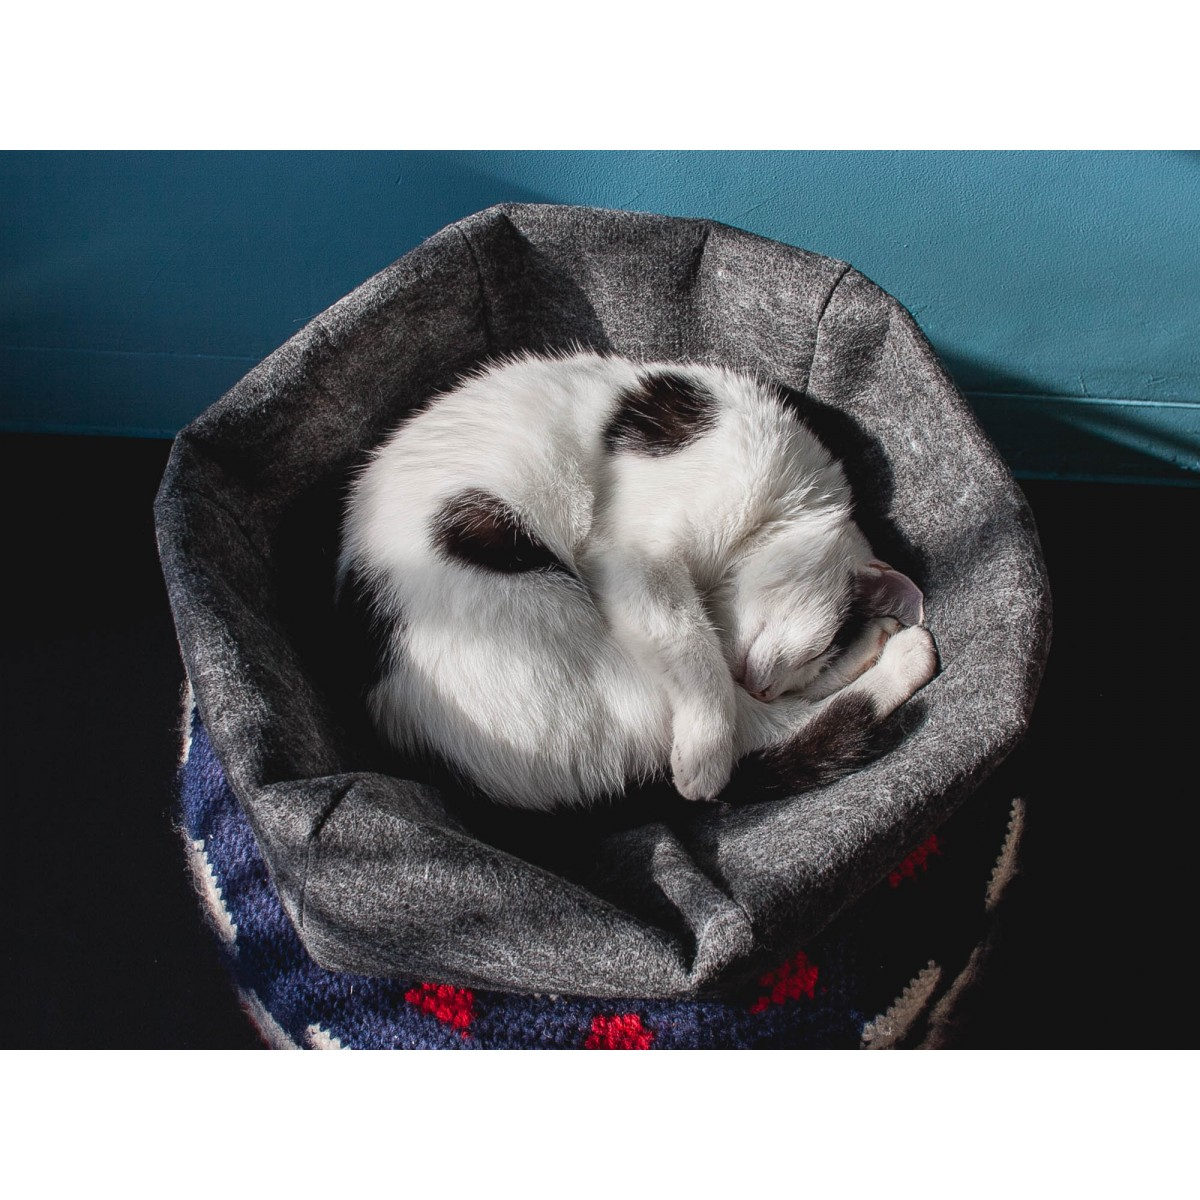 Katzenkugel Upcycling 2 in 1 gemütliche Katzenhöhle und Katzenkorb aus Nadelfilz